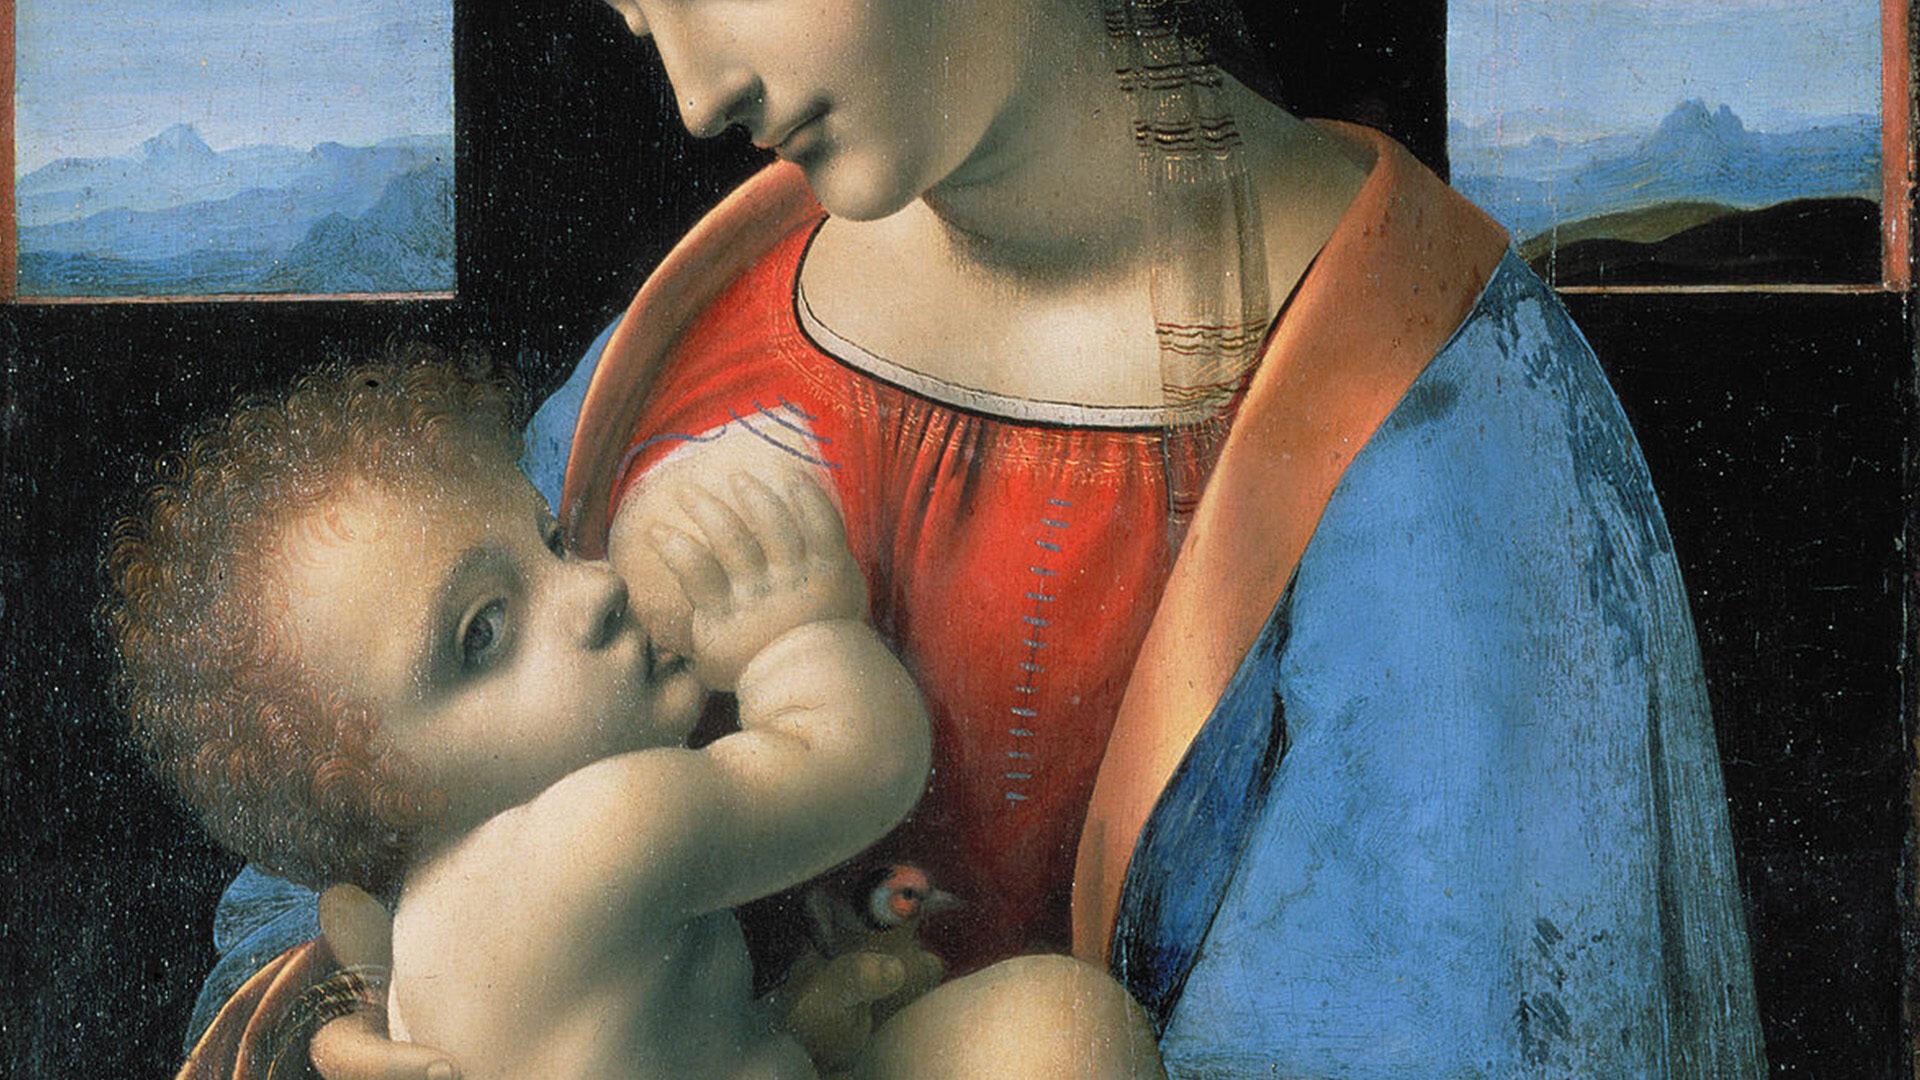 Музей сучасного мистецтва в Мехіко дозволив матерям годувати грудьми у виставкових залах